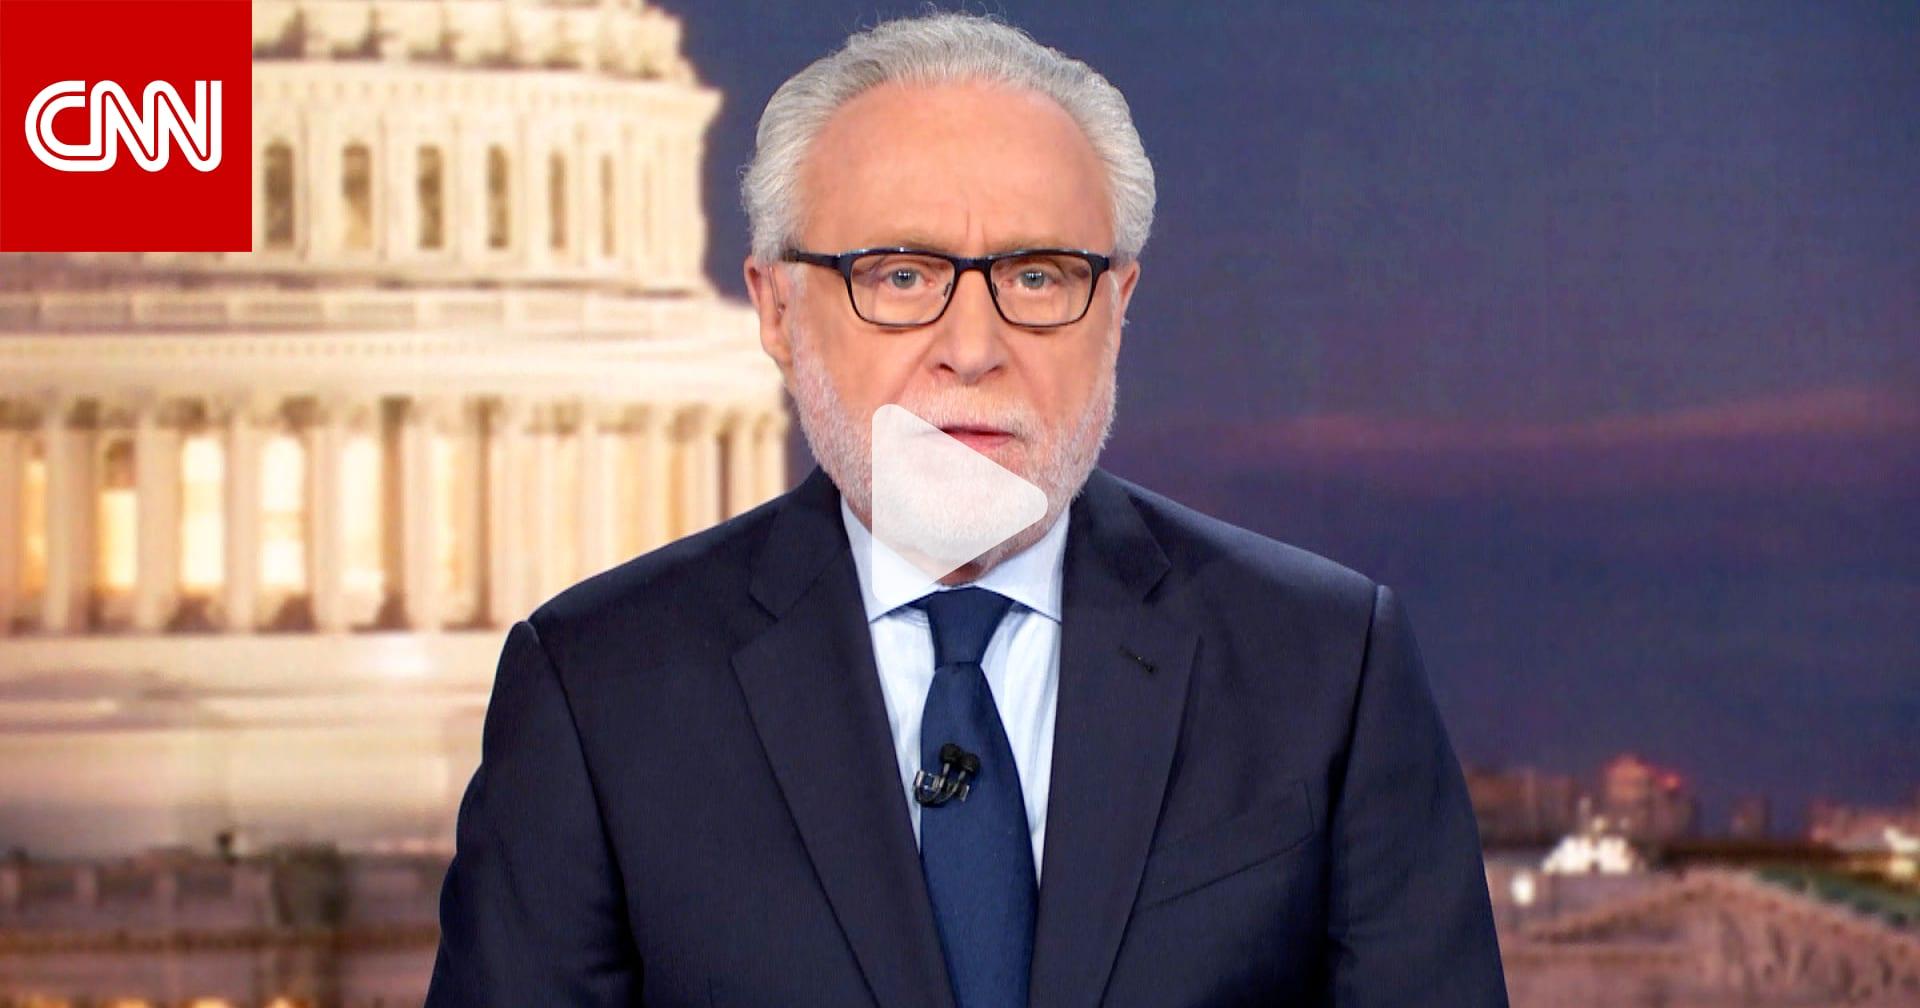 """مذيع CNN: مديرو المساءلة عرضوا مقاطع تظهر أن ترامب كان """"المحرّض الرئيسي"""""""